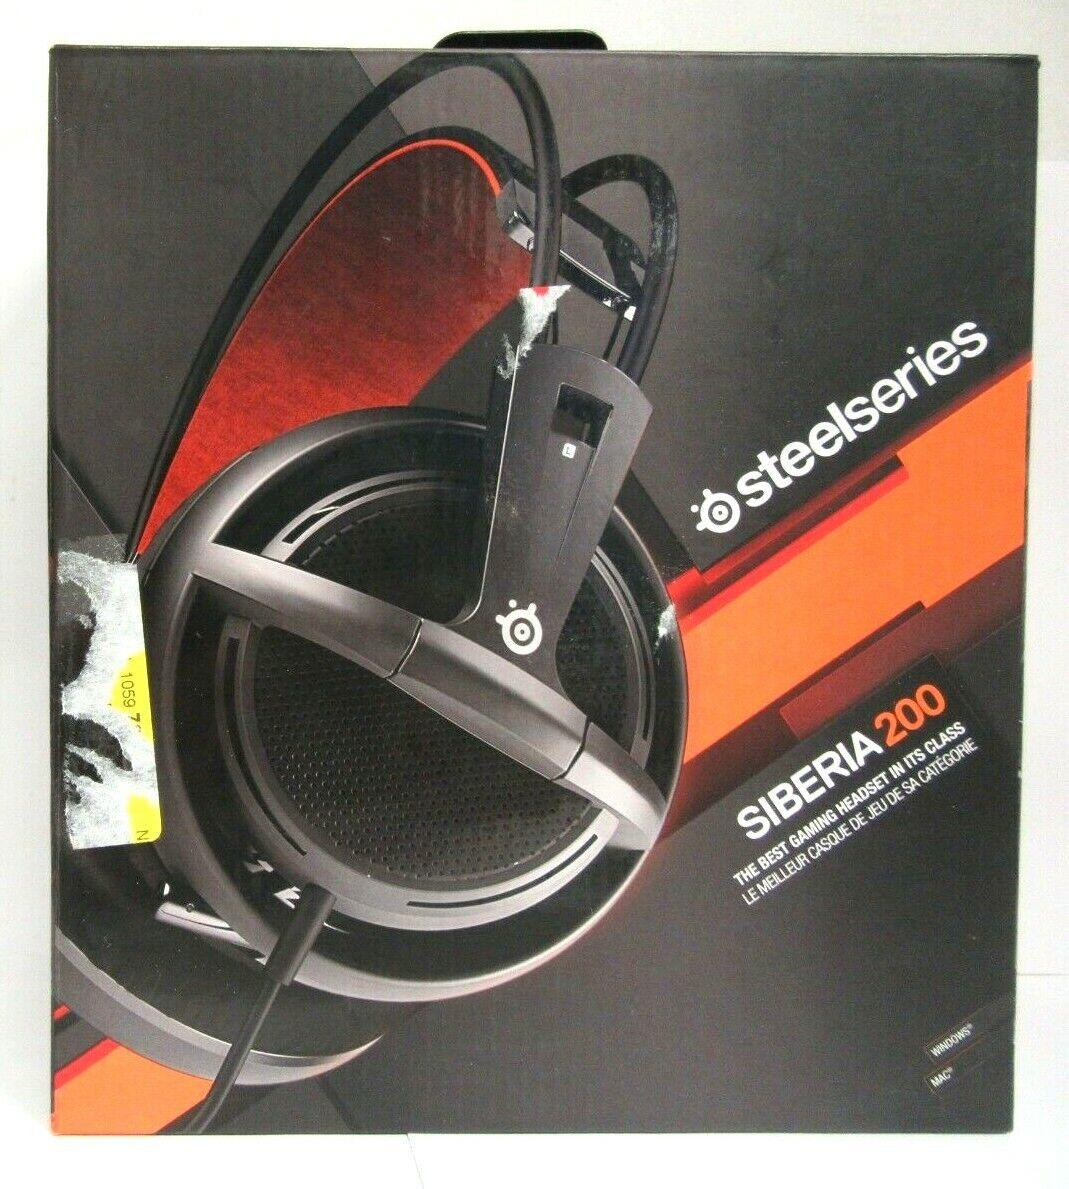 SteelSeries Siberia 200 Headset - Stereo - Black - Mini-